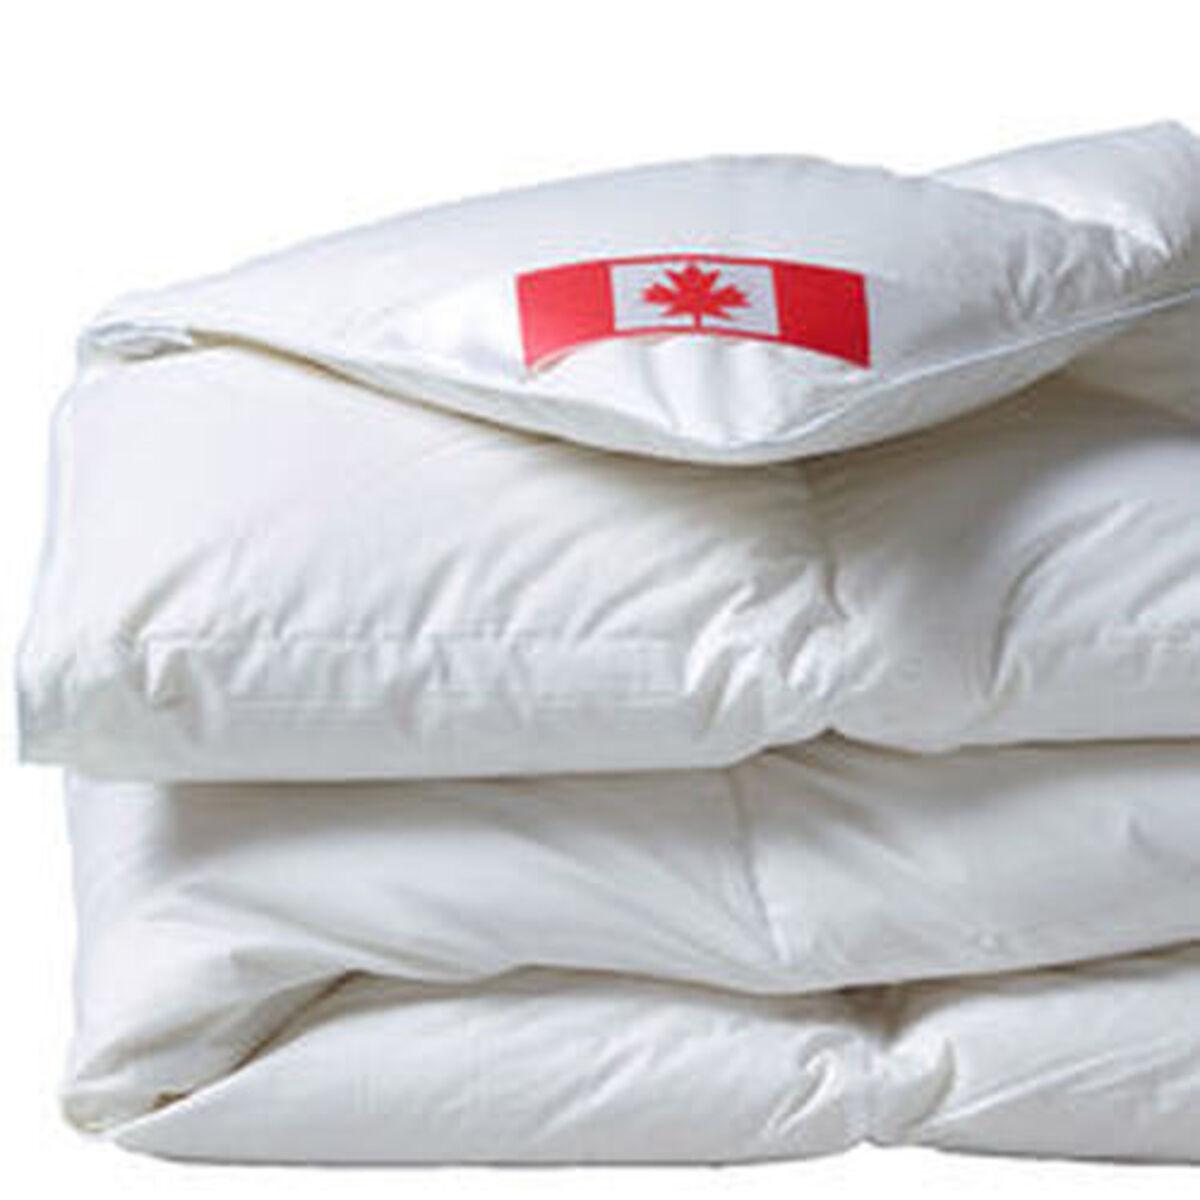 Bild 2 von Künsemüller Kassettenbett Canada Warm, 916g, 4x6 Karos, 90% Daunen und 10% Federn, 135x200 cm